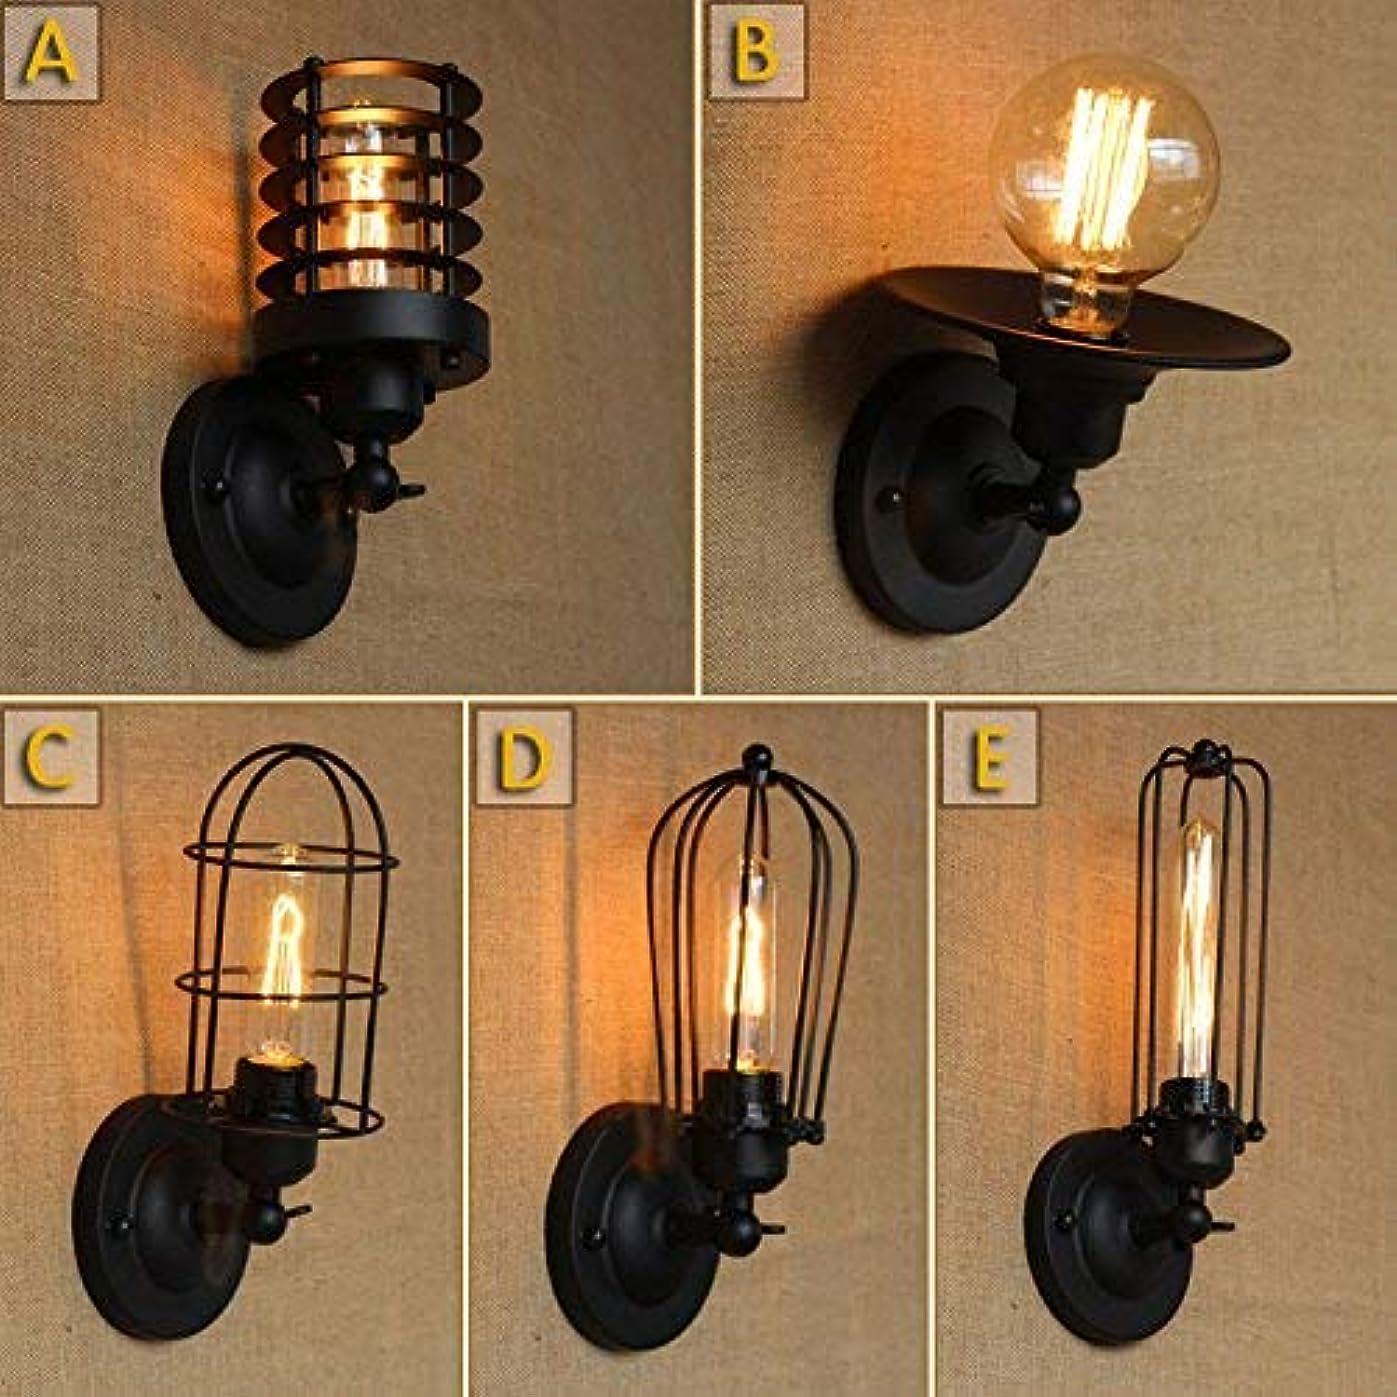 損失姉妹アマチュア壁面ライト, 110-220Vウォールライトウォールマウントライト燭台高齢スチール仕上げランプ、スタイル AI LI WEI (Color : B Style)